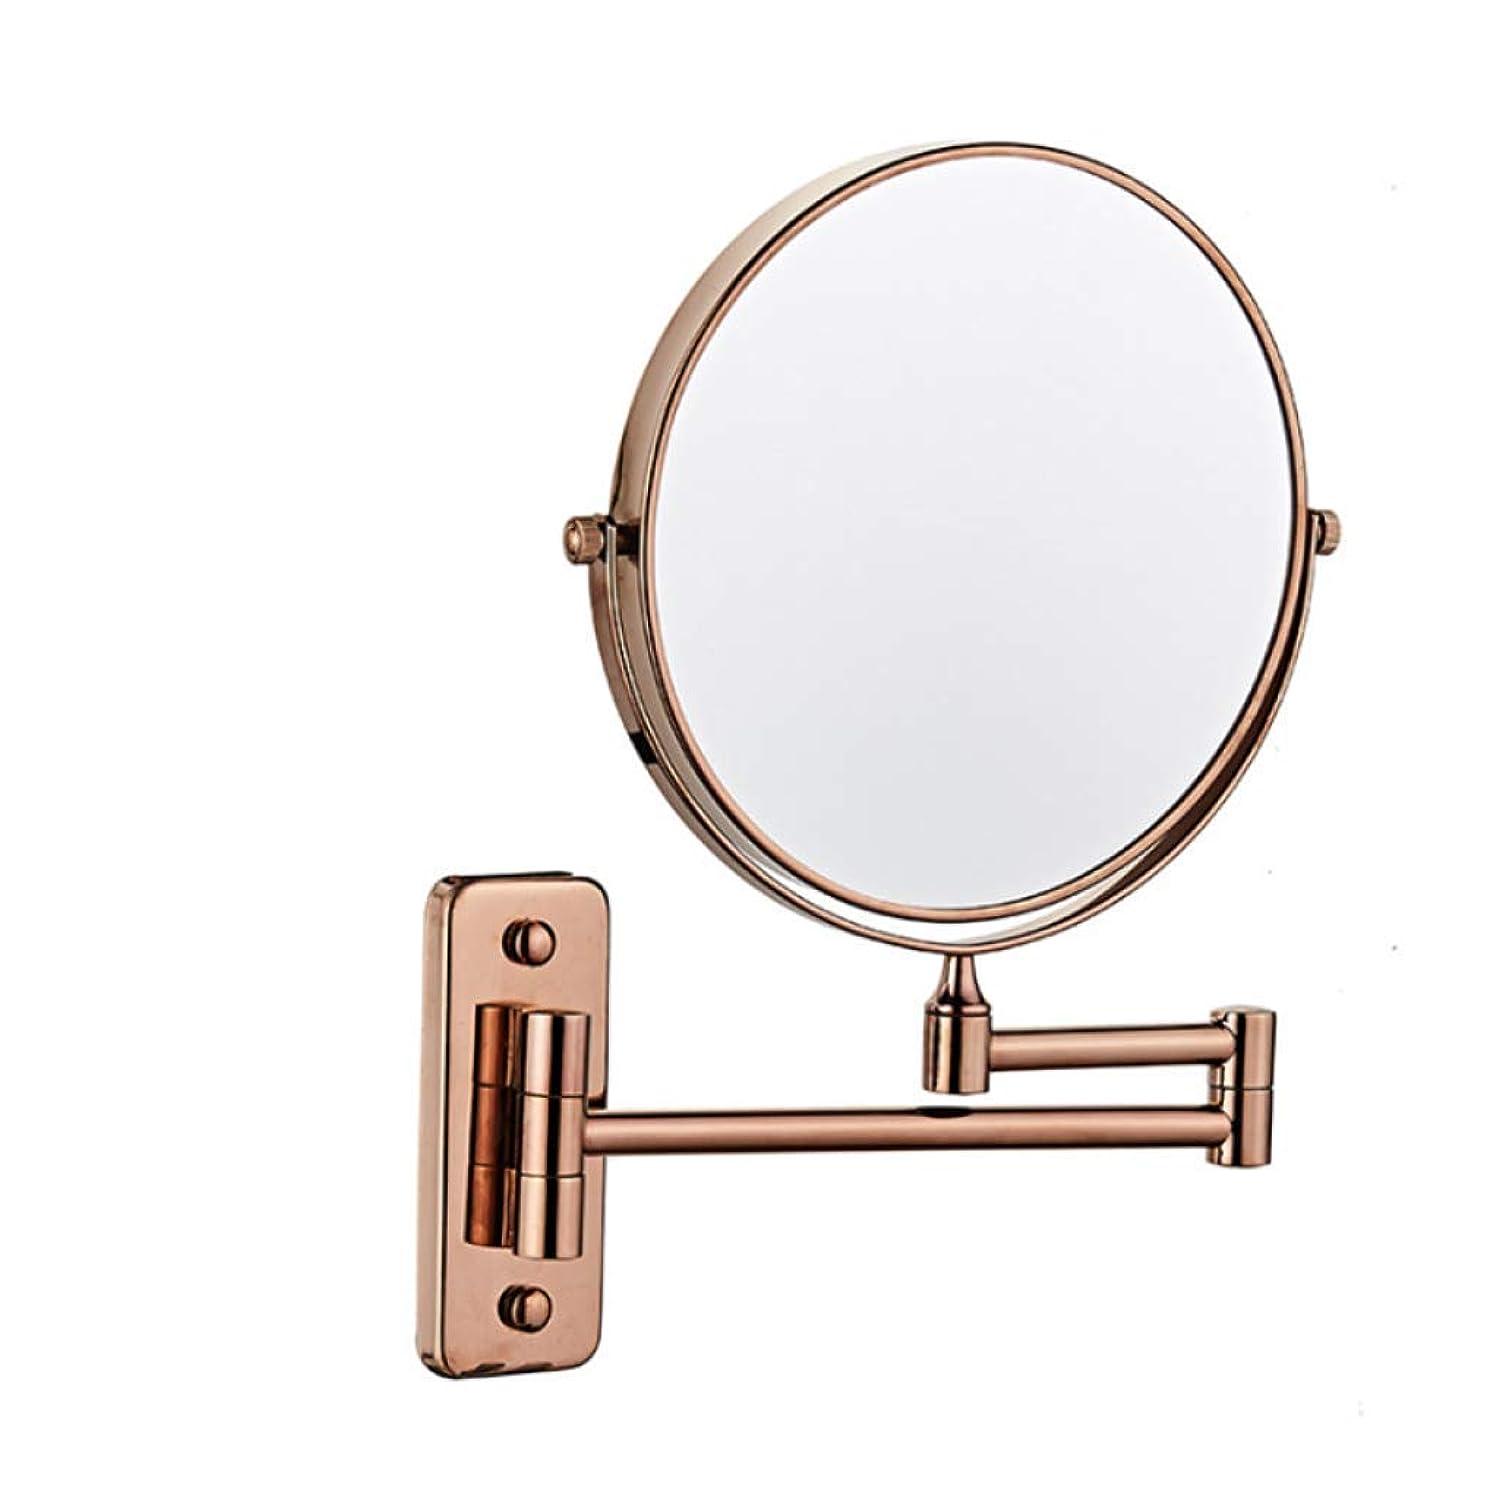 排出矢印セレナALYR 両面 化粧鏡/化粧鏡、3 ズームイン 壁掛け式 バスルームミラー 360°回転 スケーラブル 化粧鏡 ベッドルームまたはバスルームで剃る,Rose gold